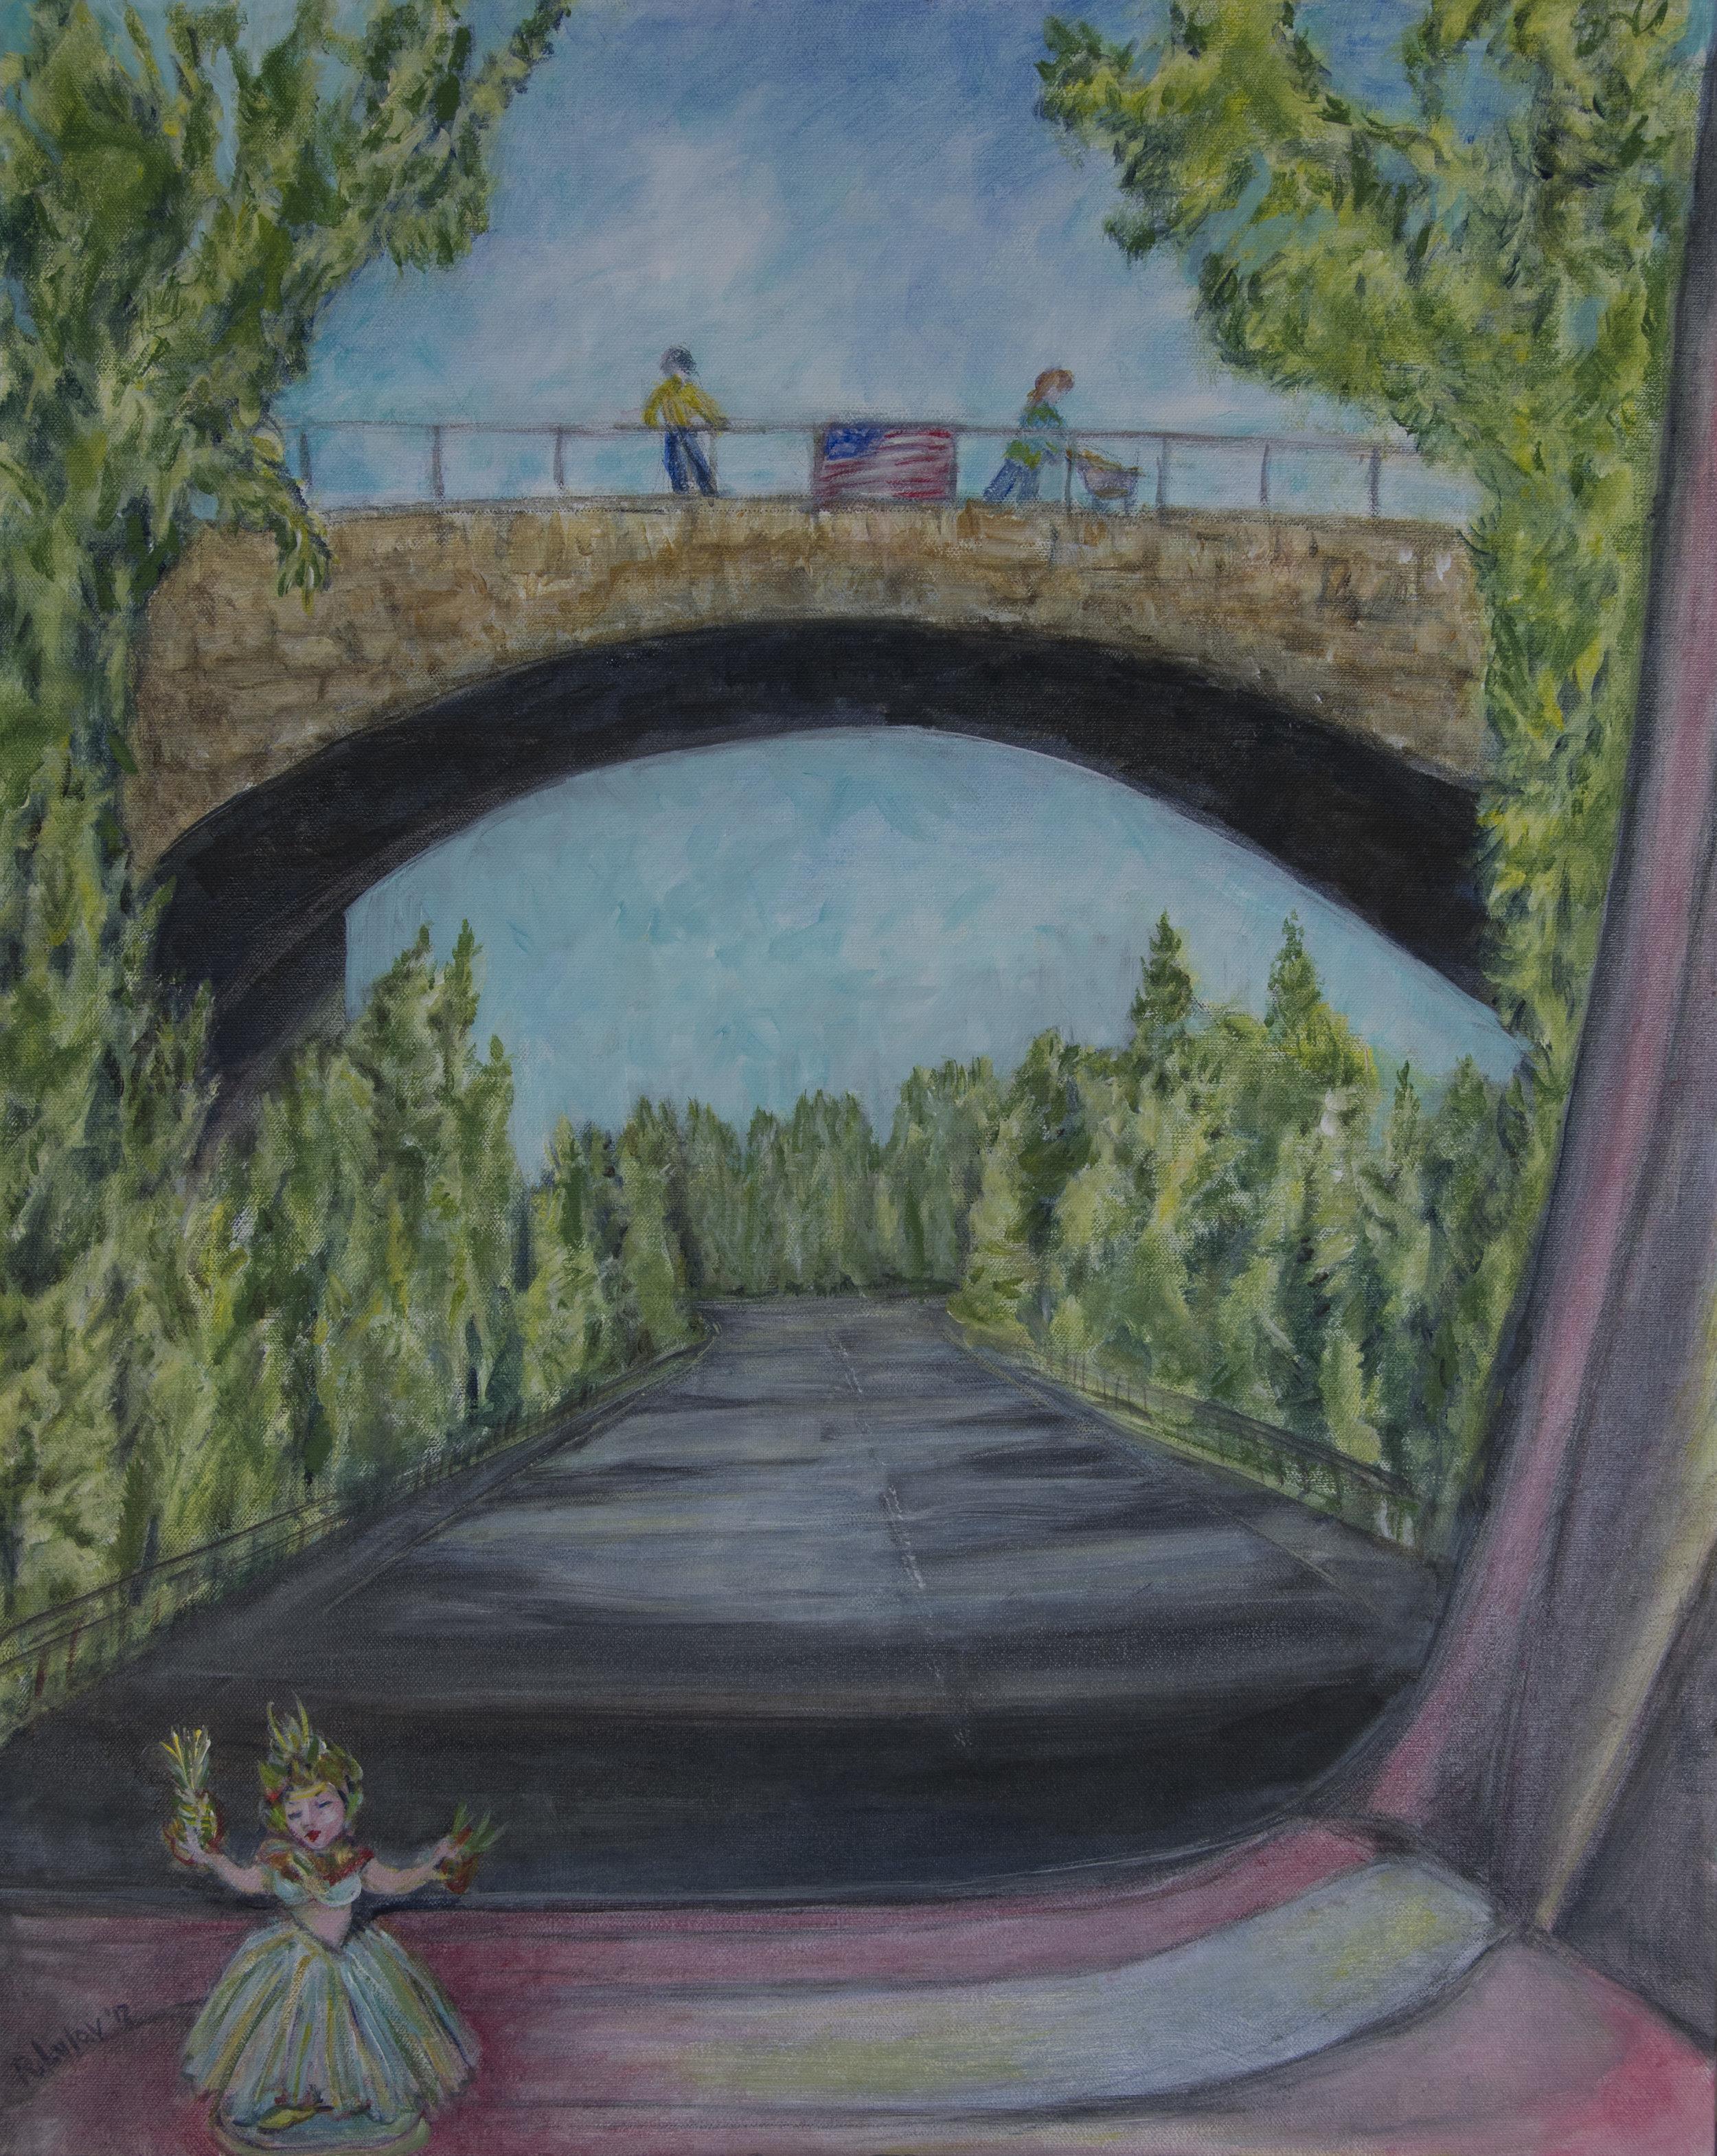 """Overpass acrylic on canvas 24"""" x 30"""" Rachel Lulov Segallacrylic on canvas 24"""" x 30"""" Rachel Lulov Segall"""